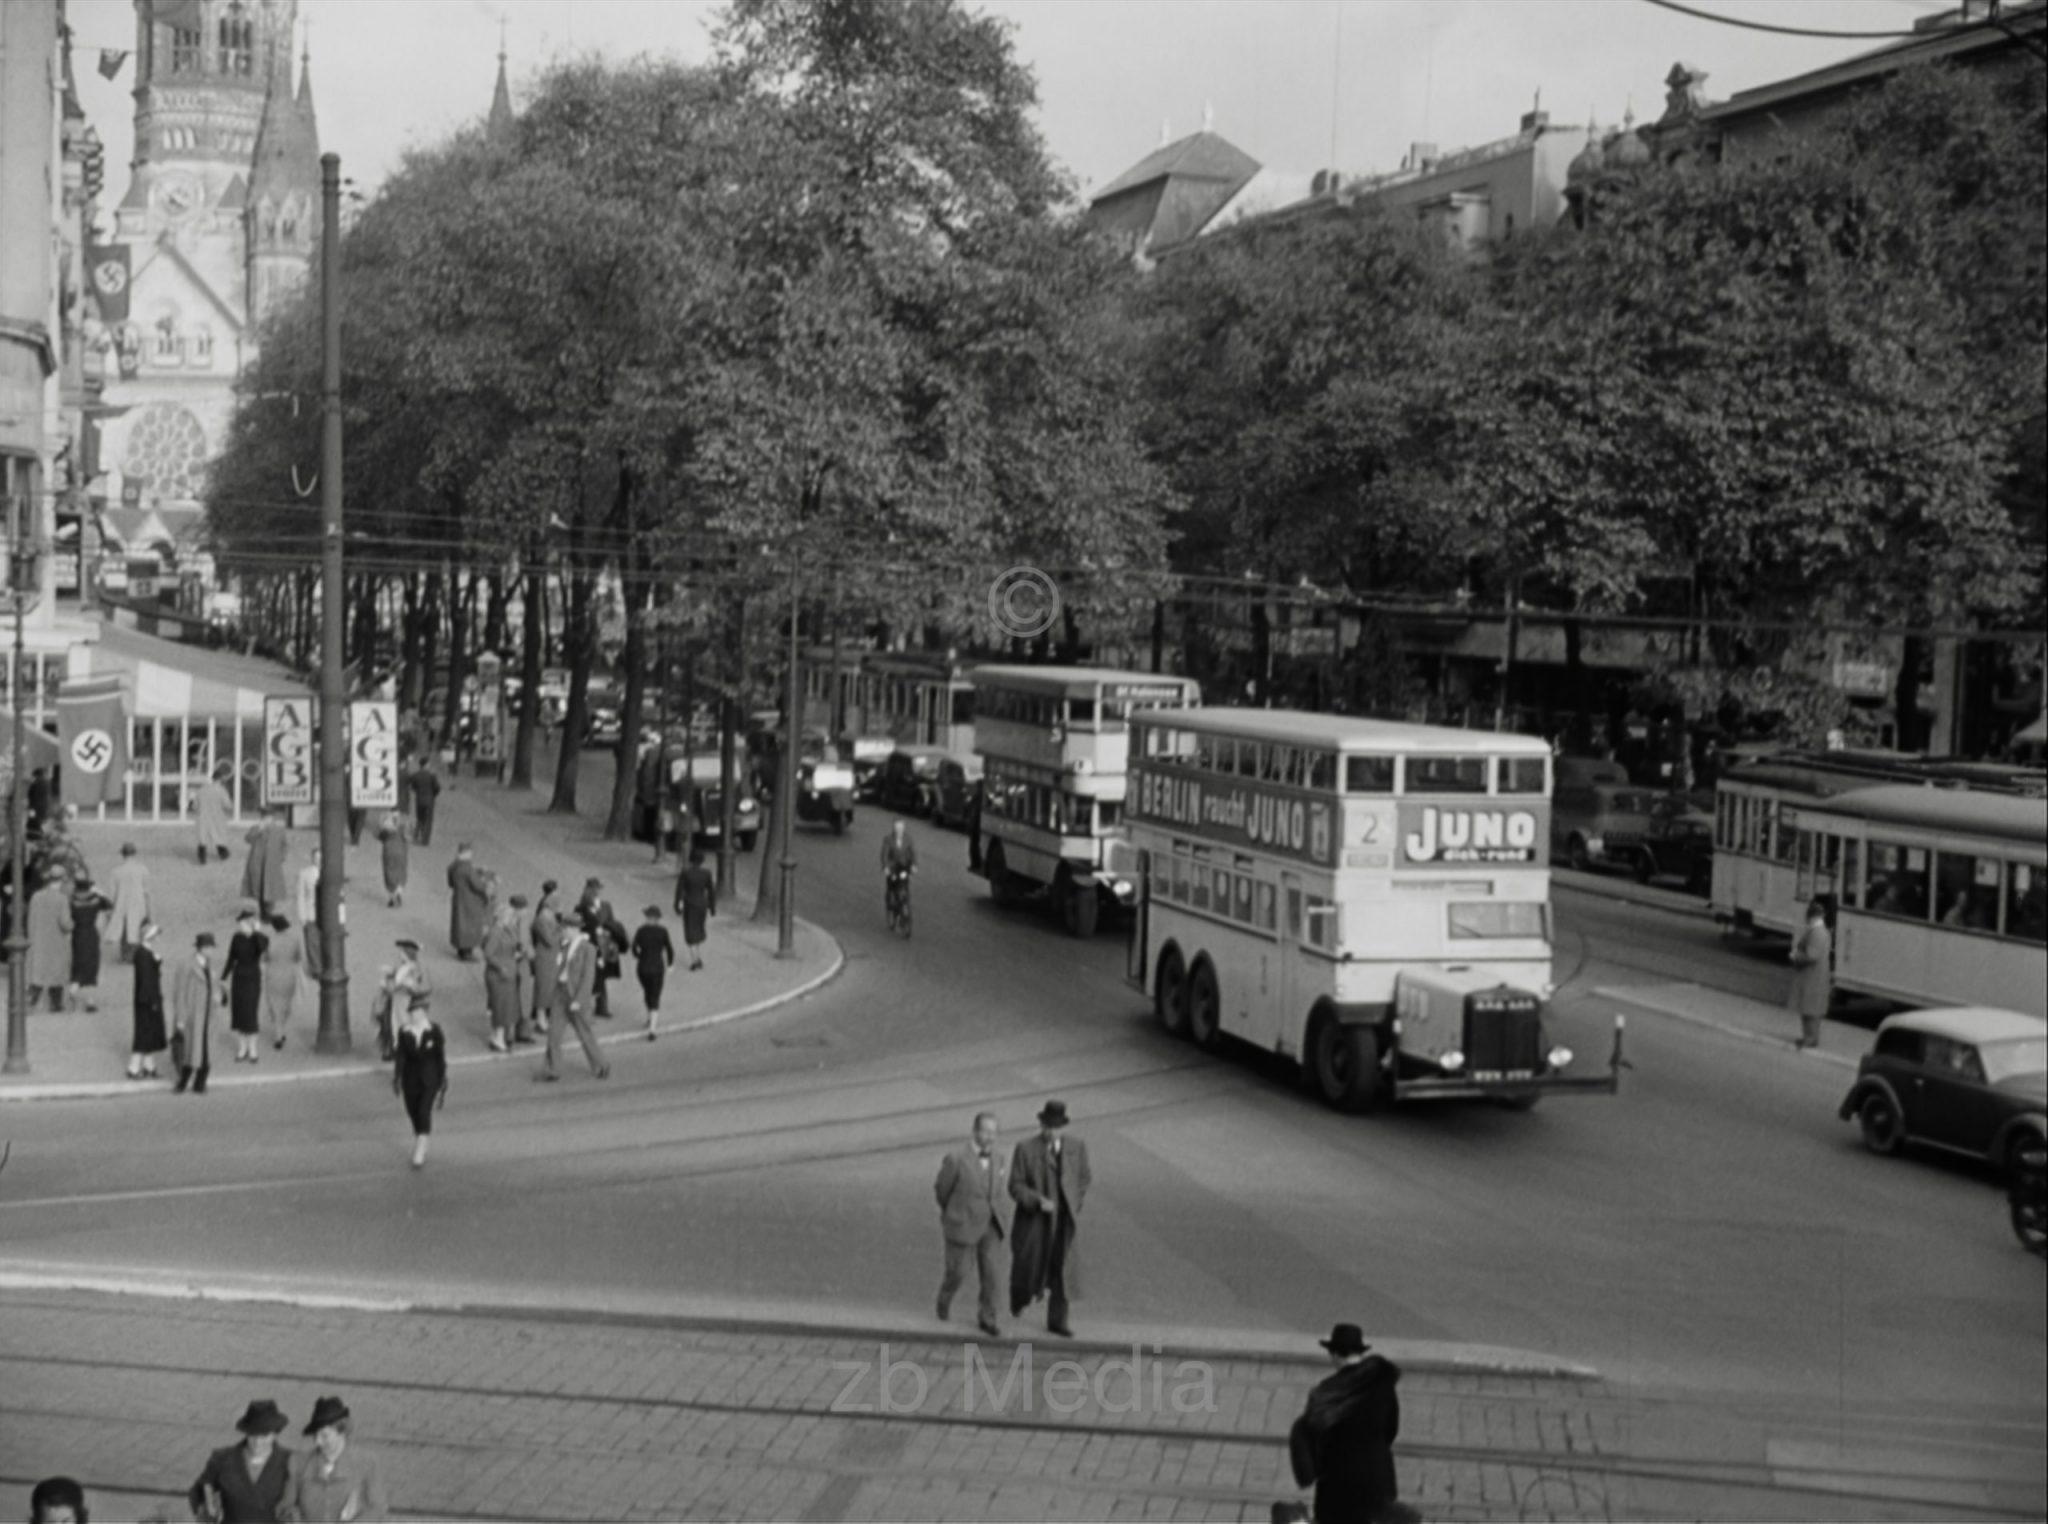 Deutschland 1937, Kurfürstendamm Berlin